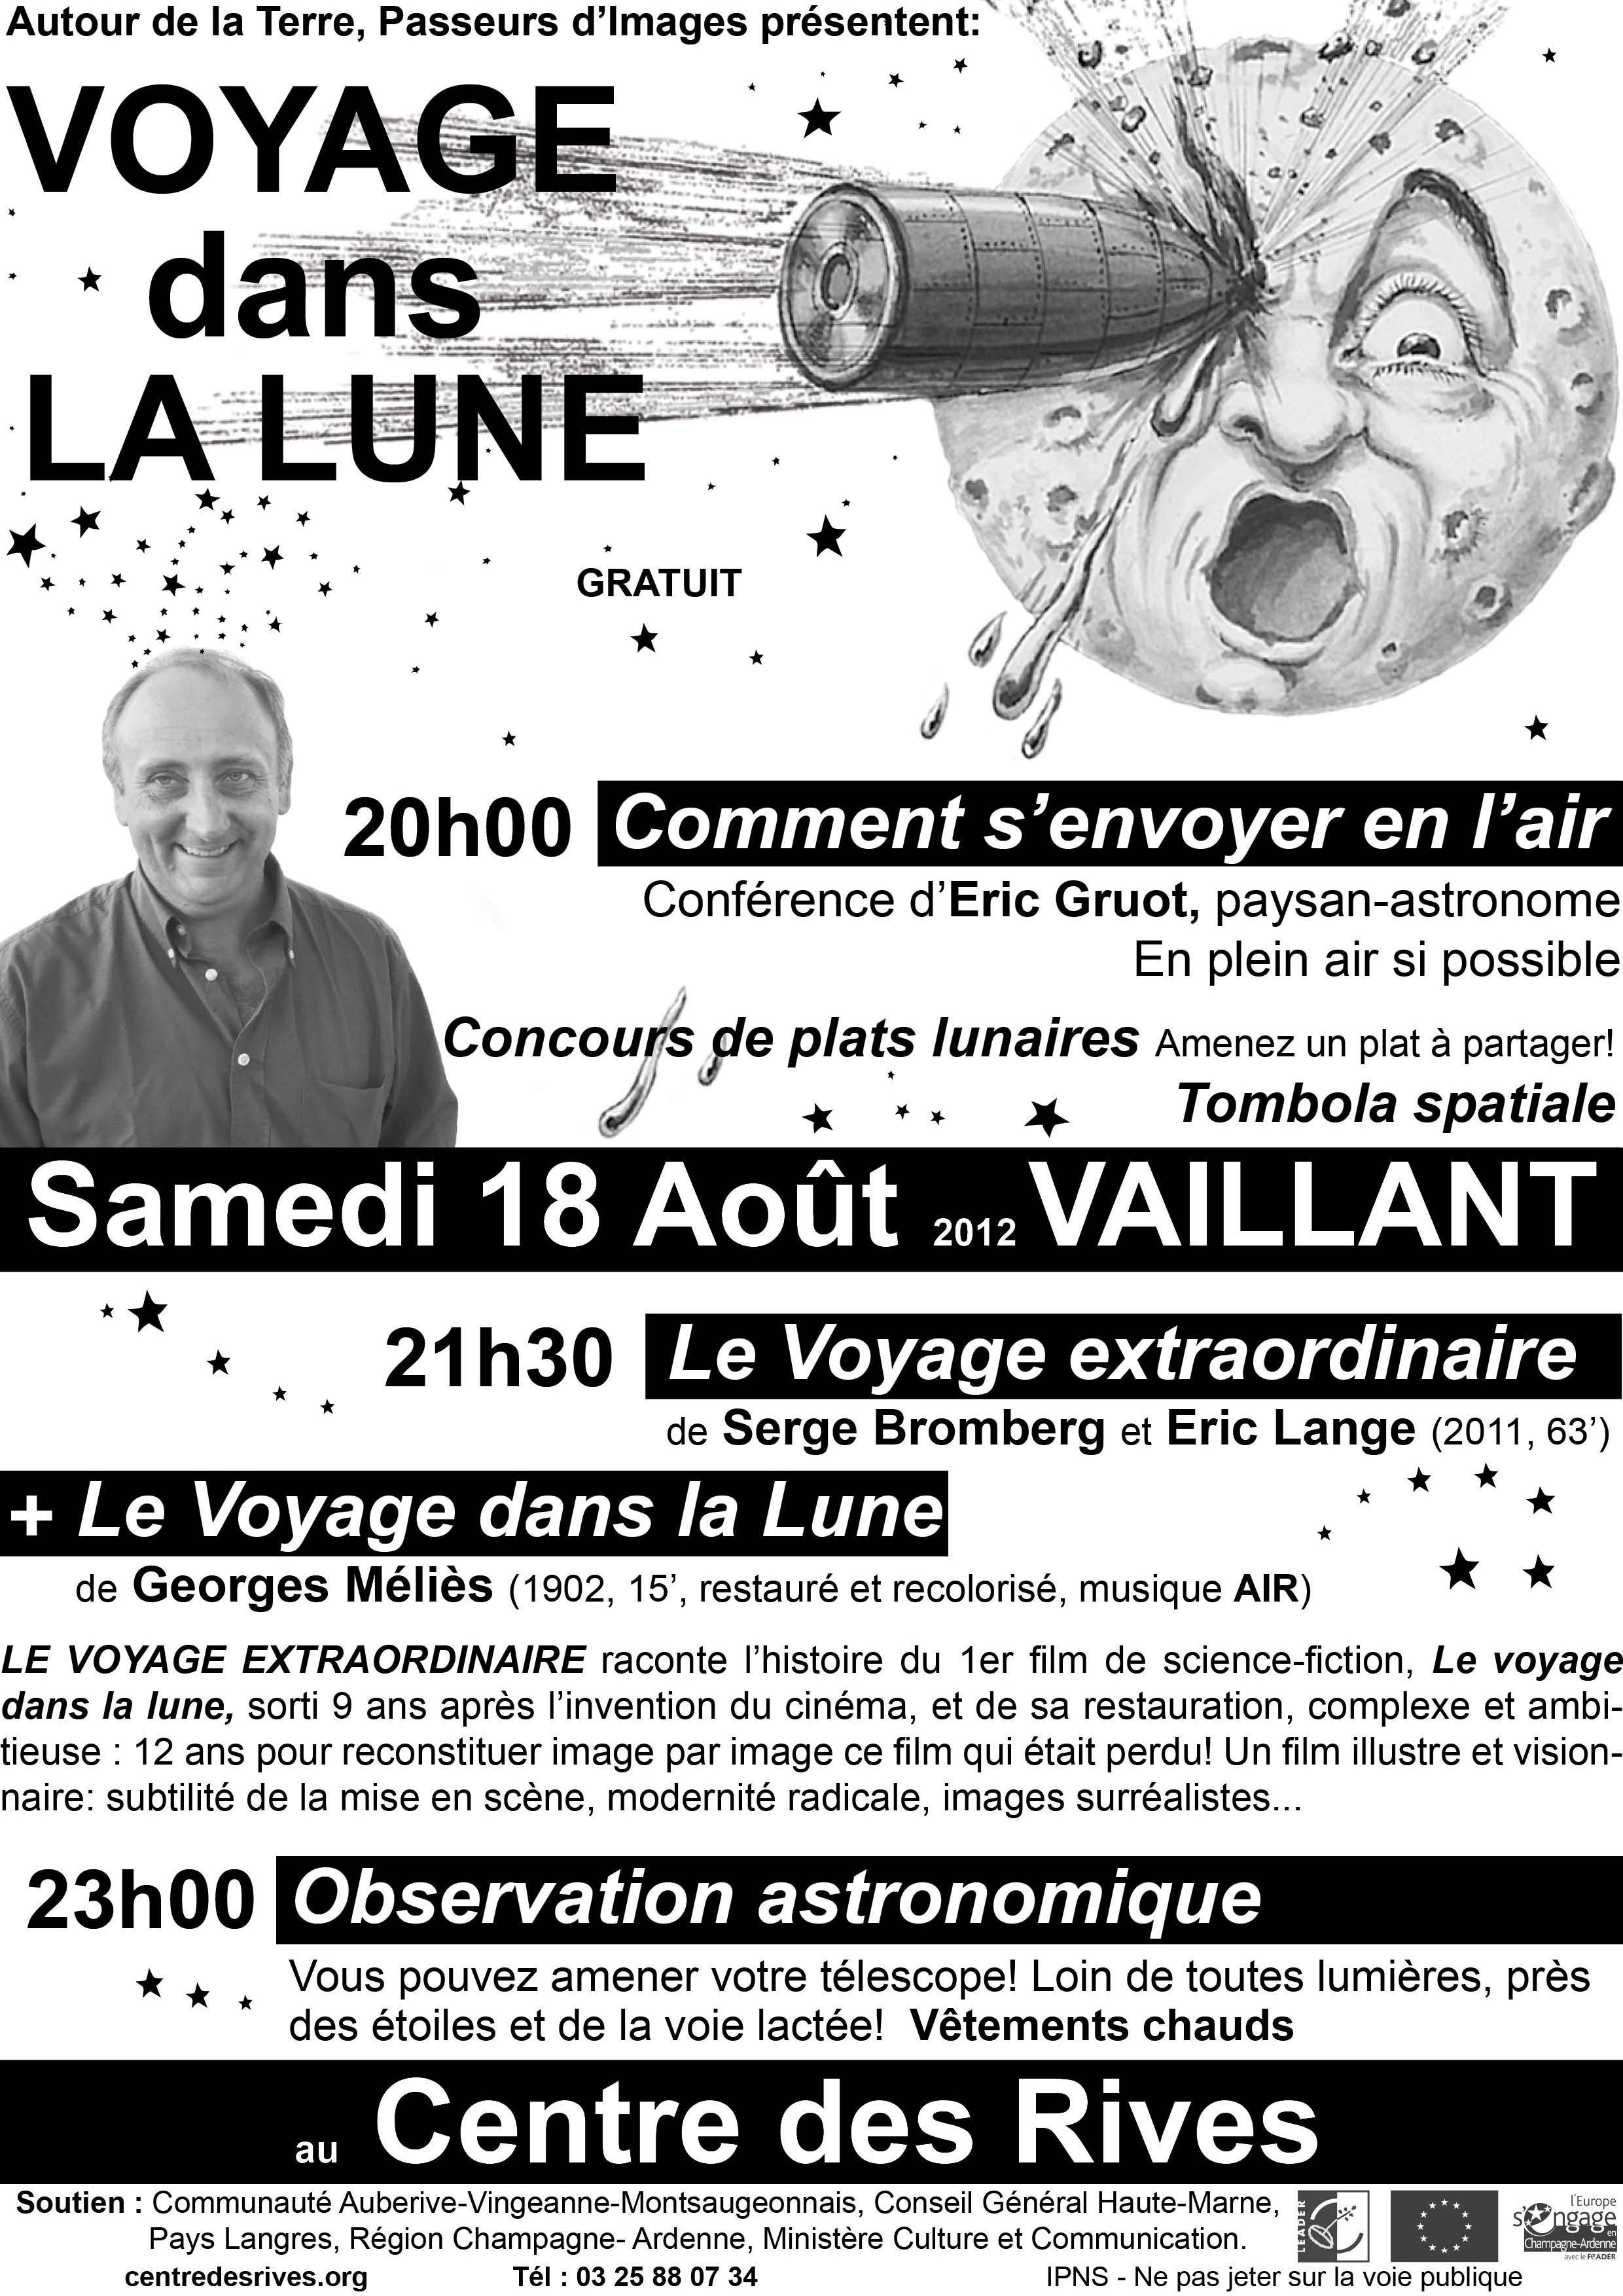 voyage_dans_la_lune_aout_2012_fin